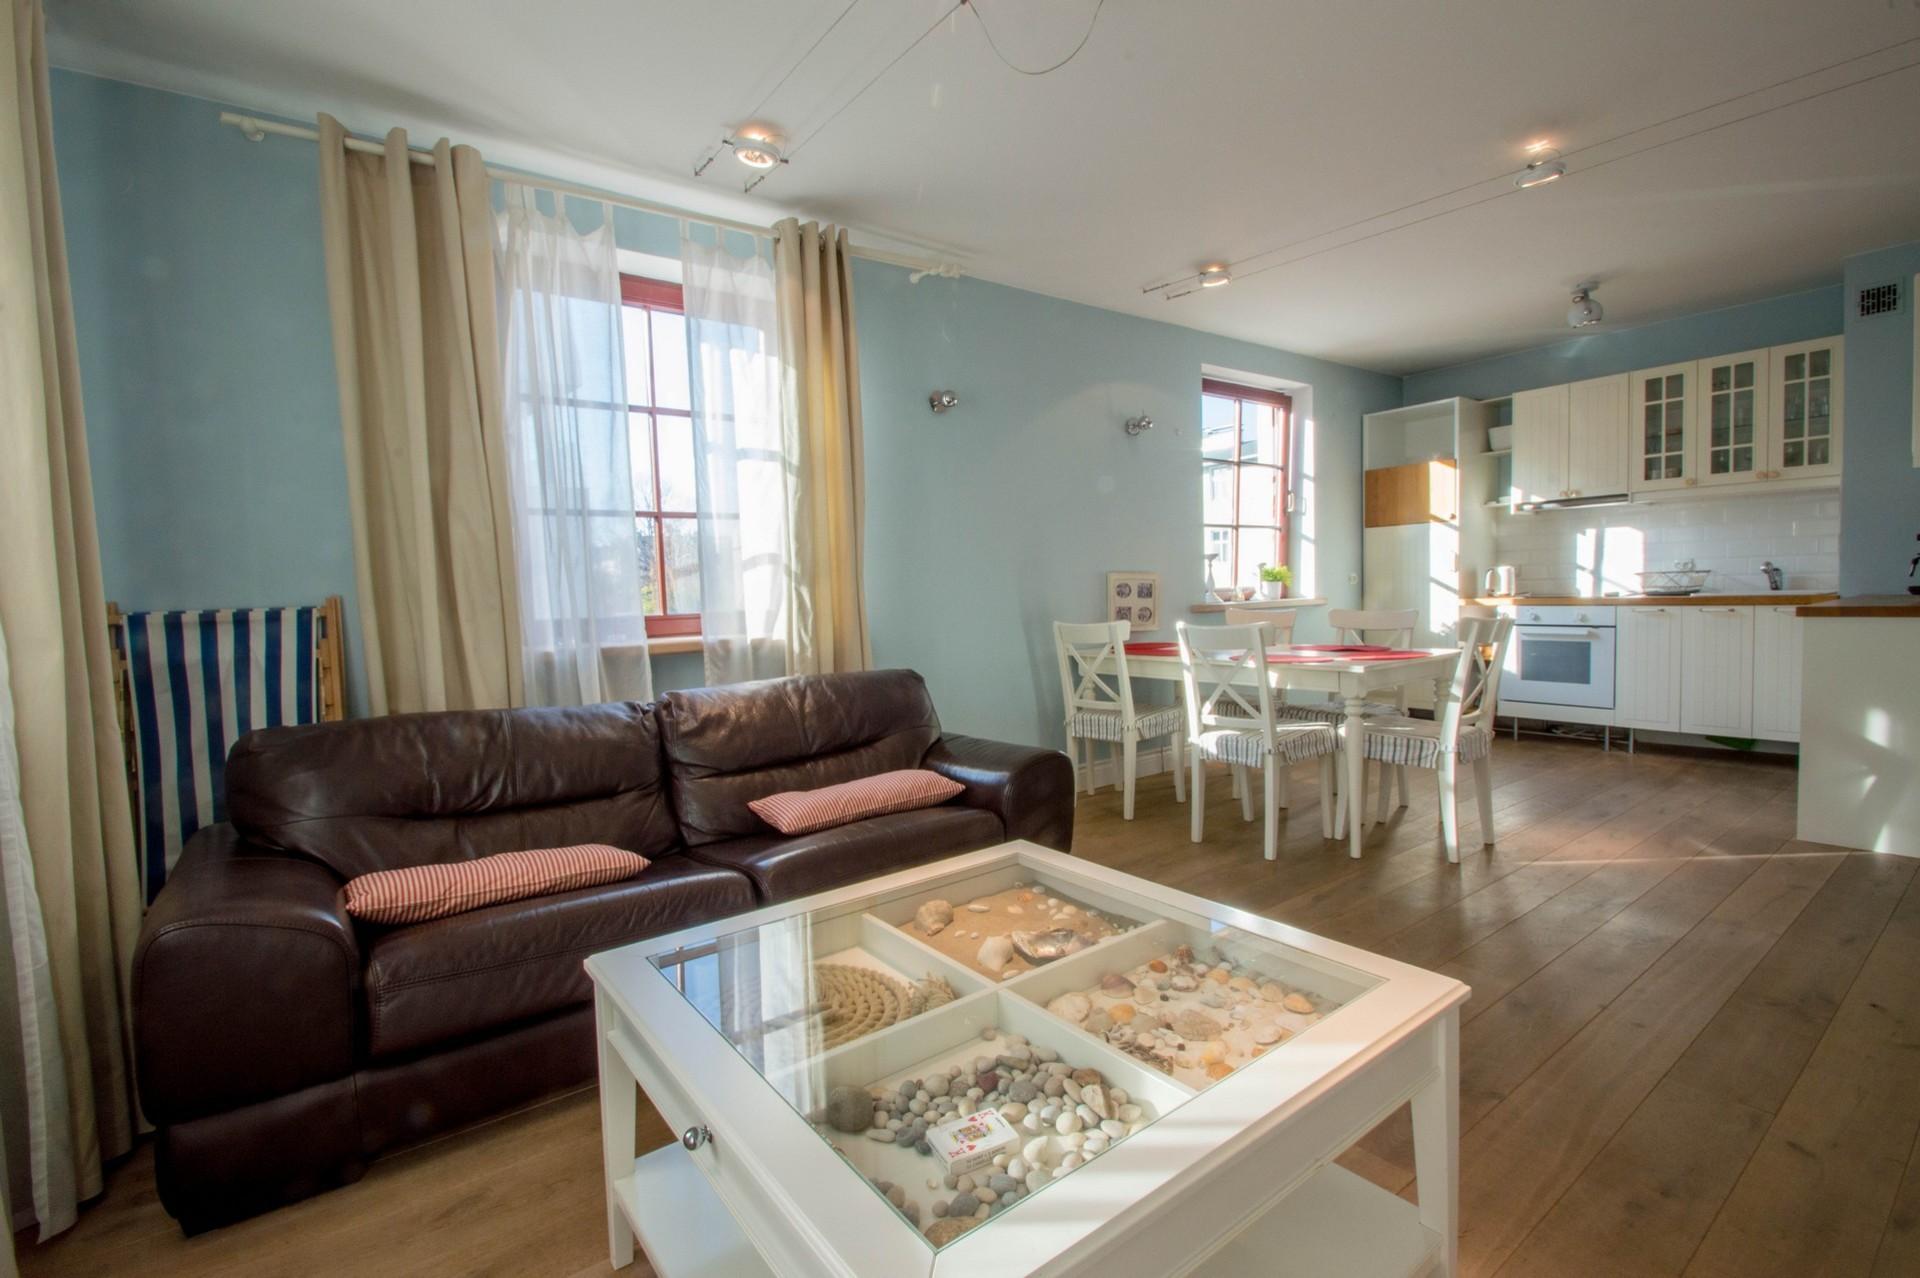 Grand Apartments - Nautica - sopot apartamenty, apartamenty